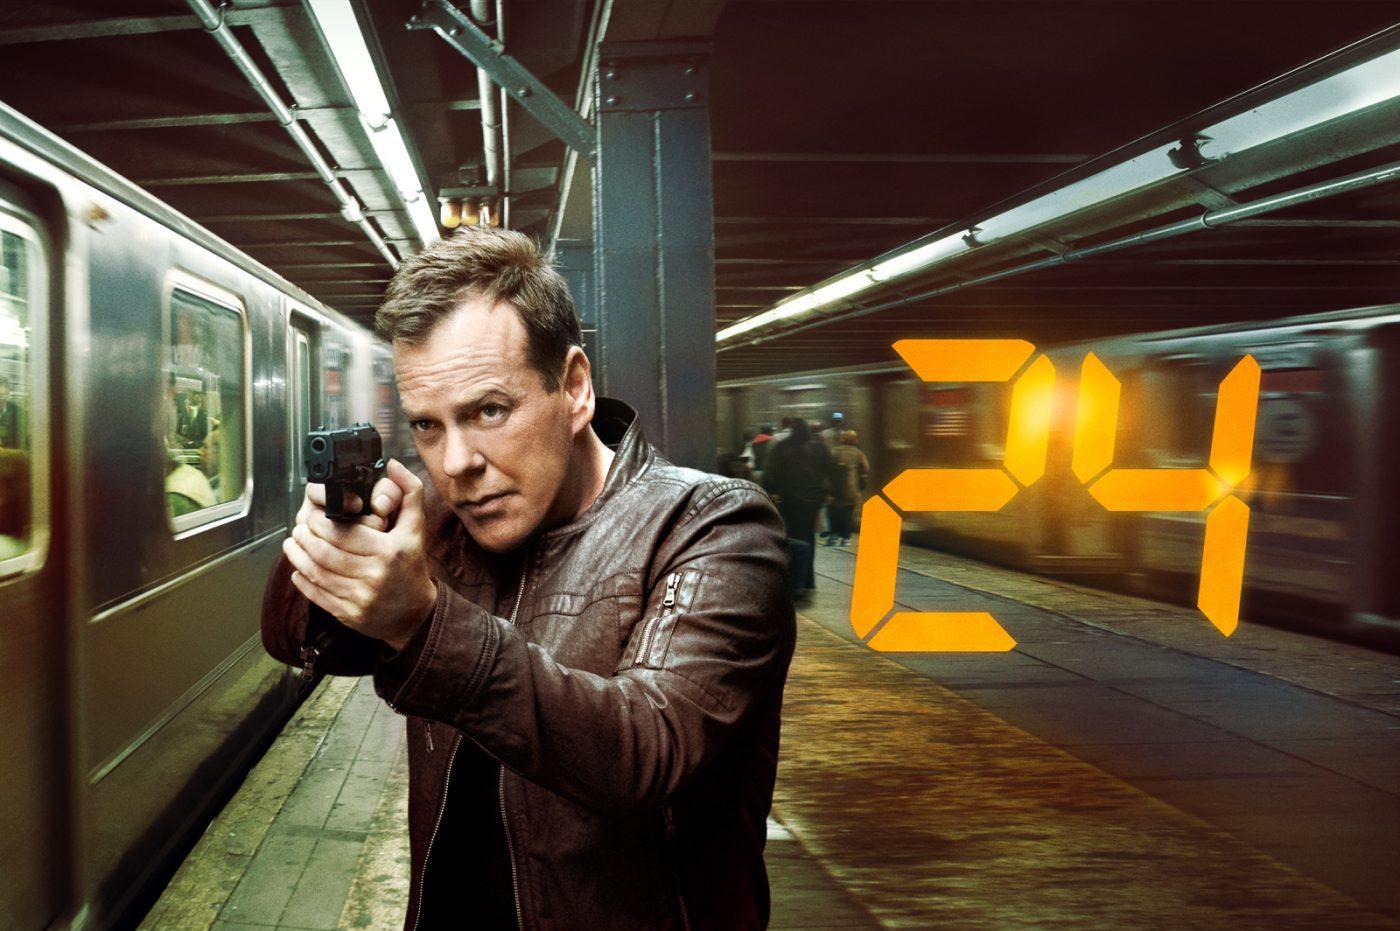 Fox cherche toujours comment relancer la franchise 24